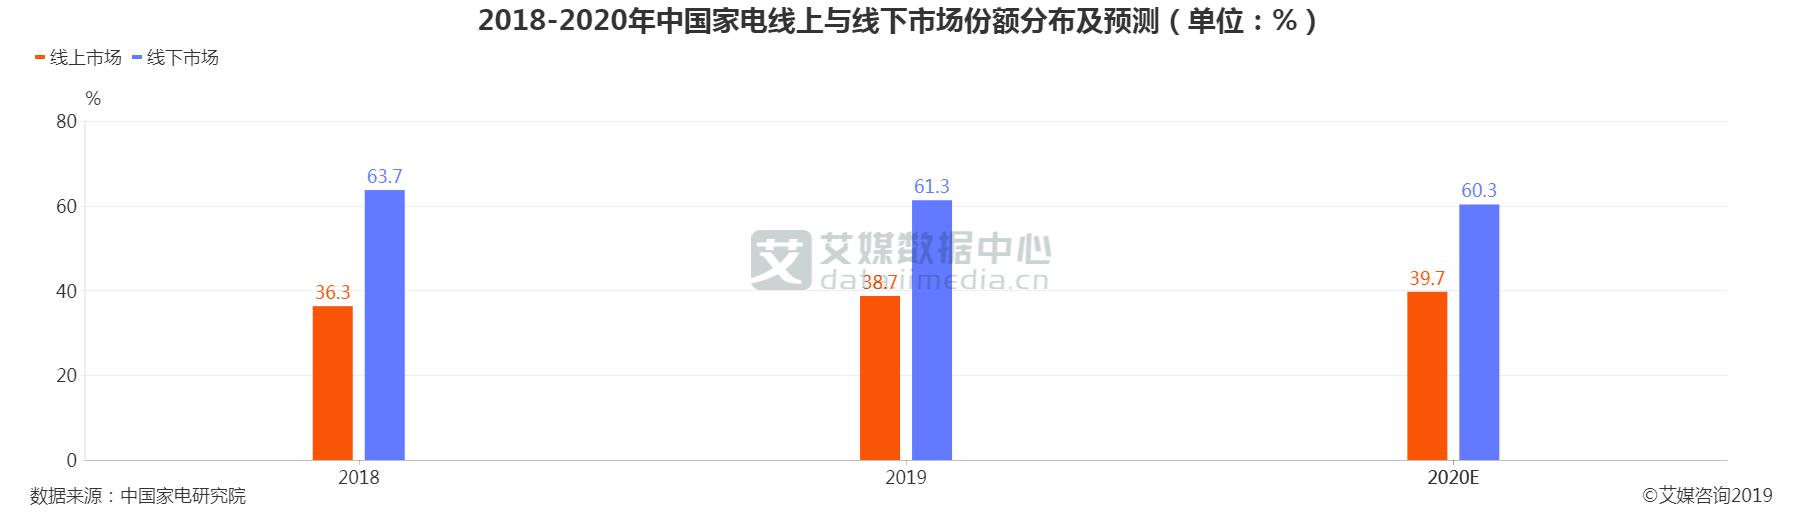 中国家电市场份额